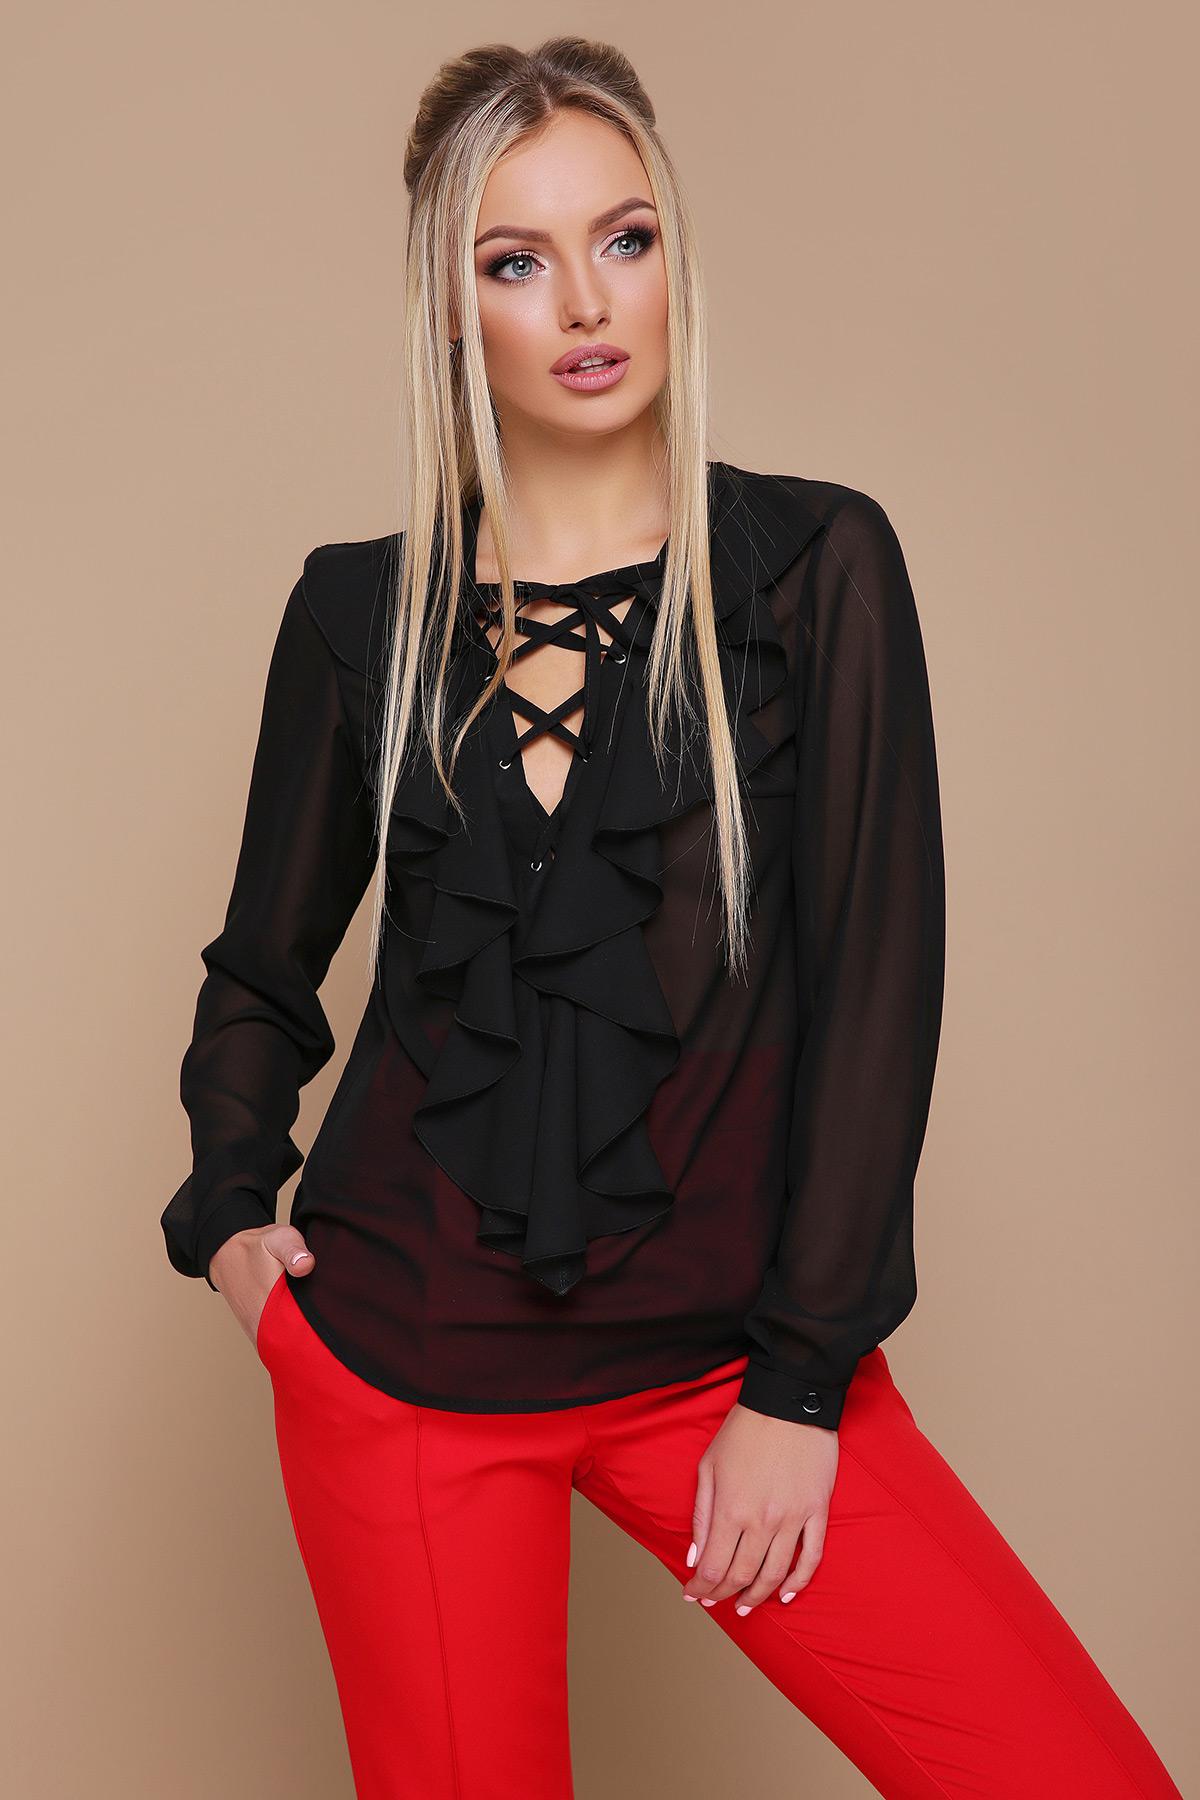 cf8a4227d1c черная блузка из шифона. блуза Сиена д р. Цвет  черный